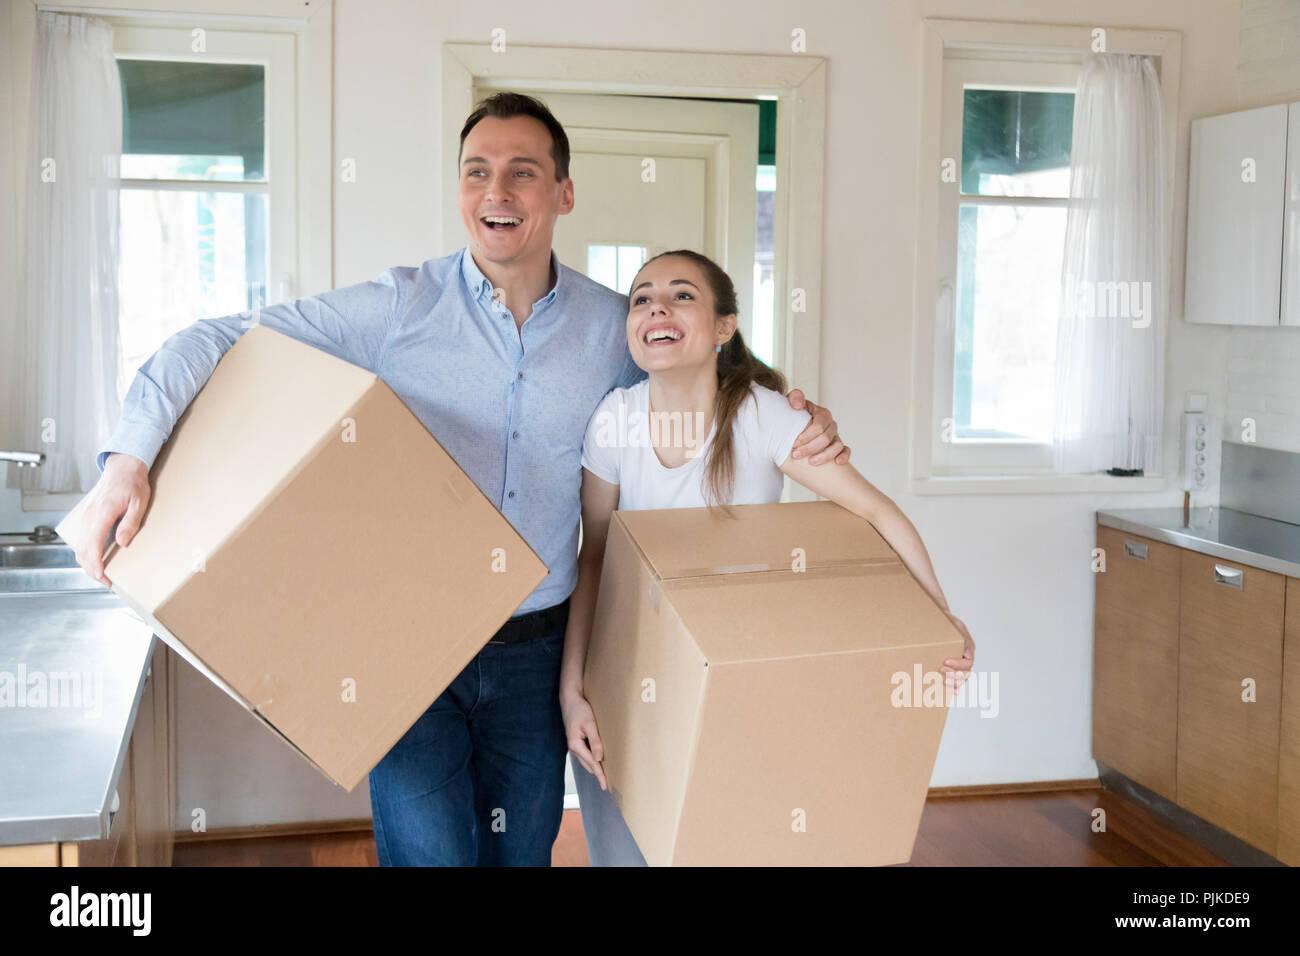 Eccitate due scatole di contenimento in movimento per casa nuova Immagini Stock